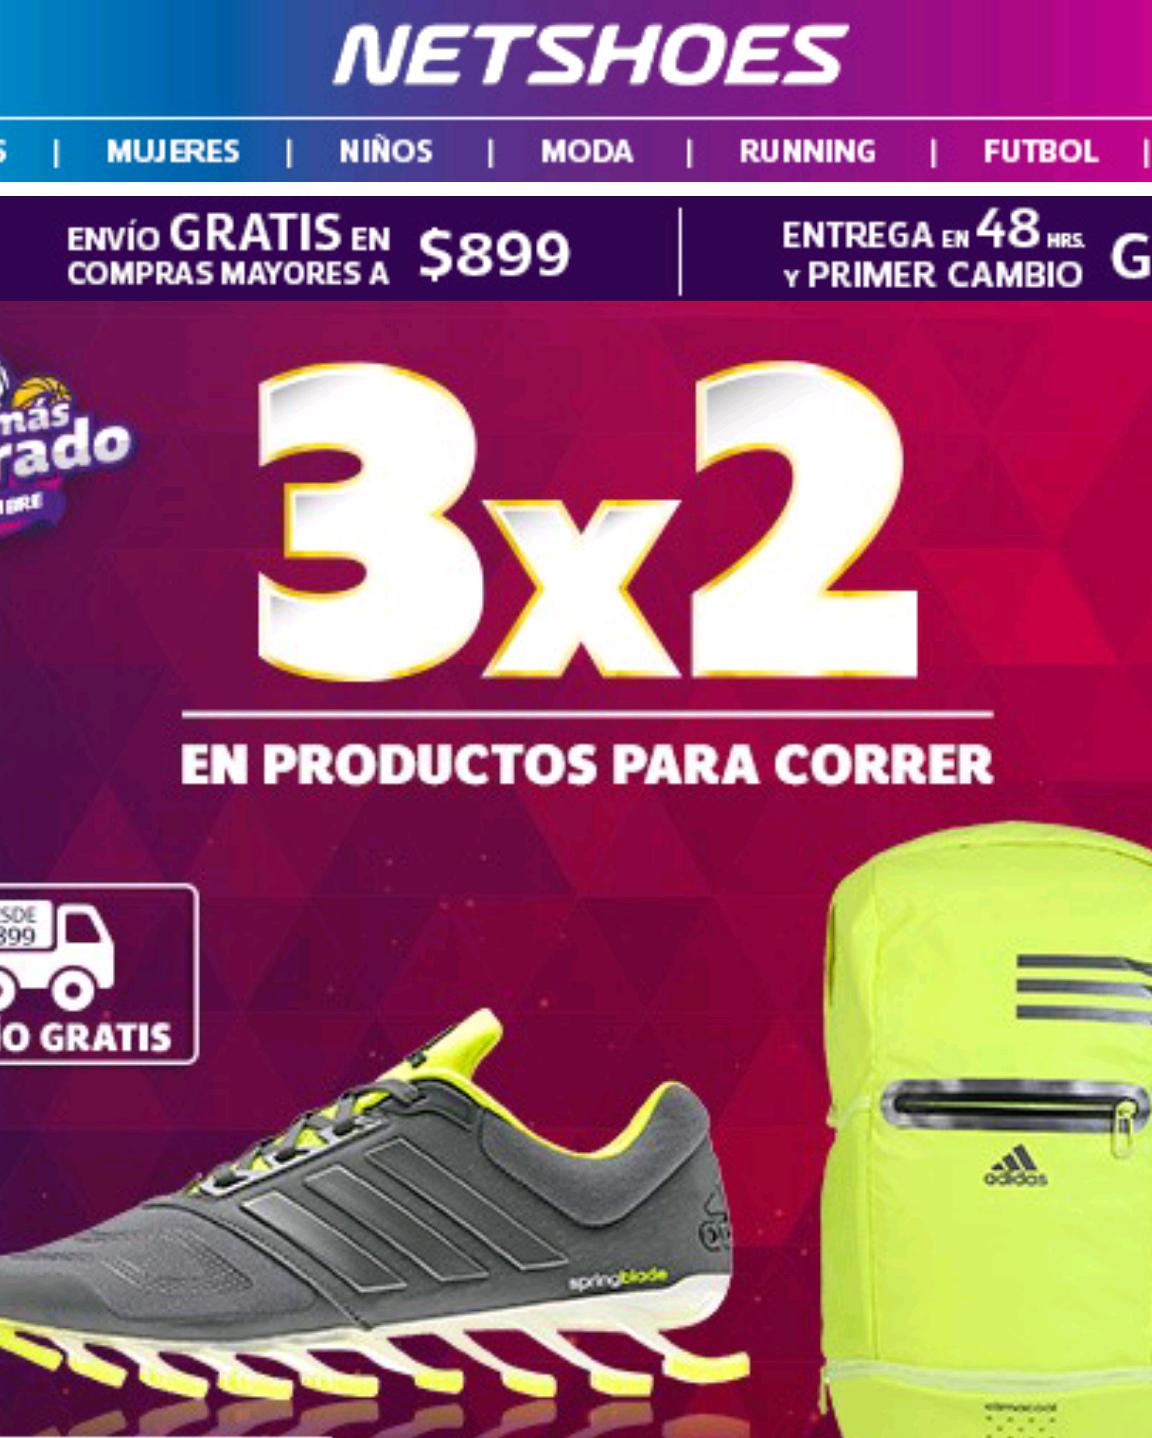 Netshoes promoción de 3x2 en artículos para correr